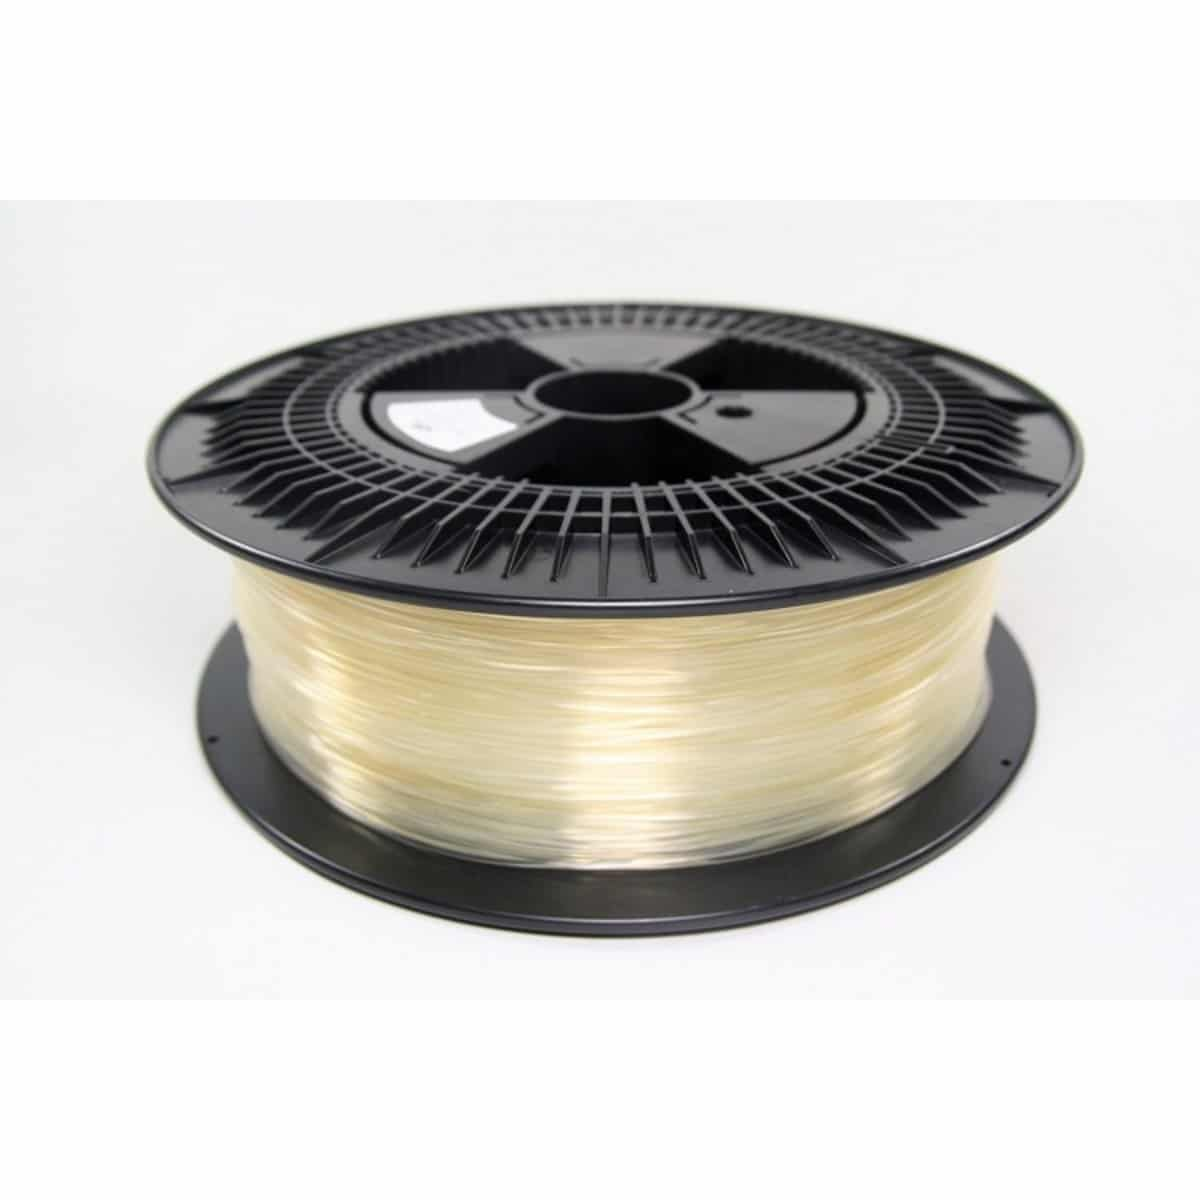 Billede af Spectrum Filaments - PLA - 1.75mm - Natural - 2 kg